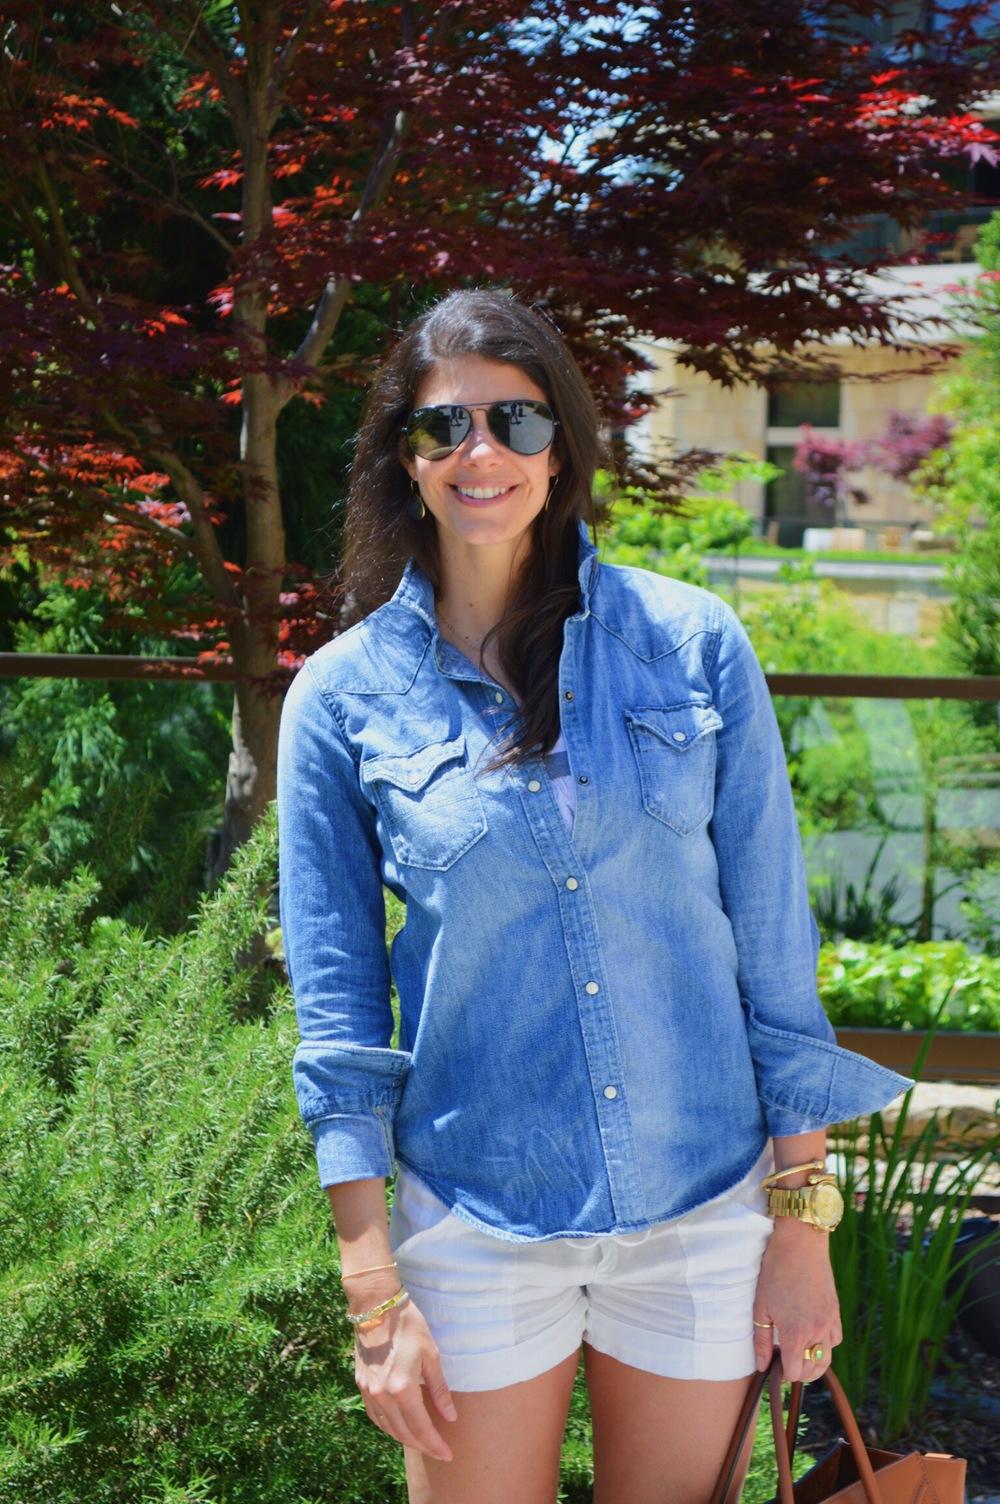 LaurenSchwaiger-Blog-Spring-Style-White-Linen-Shorts-Denim-Shirt.jpg